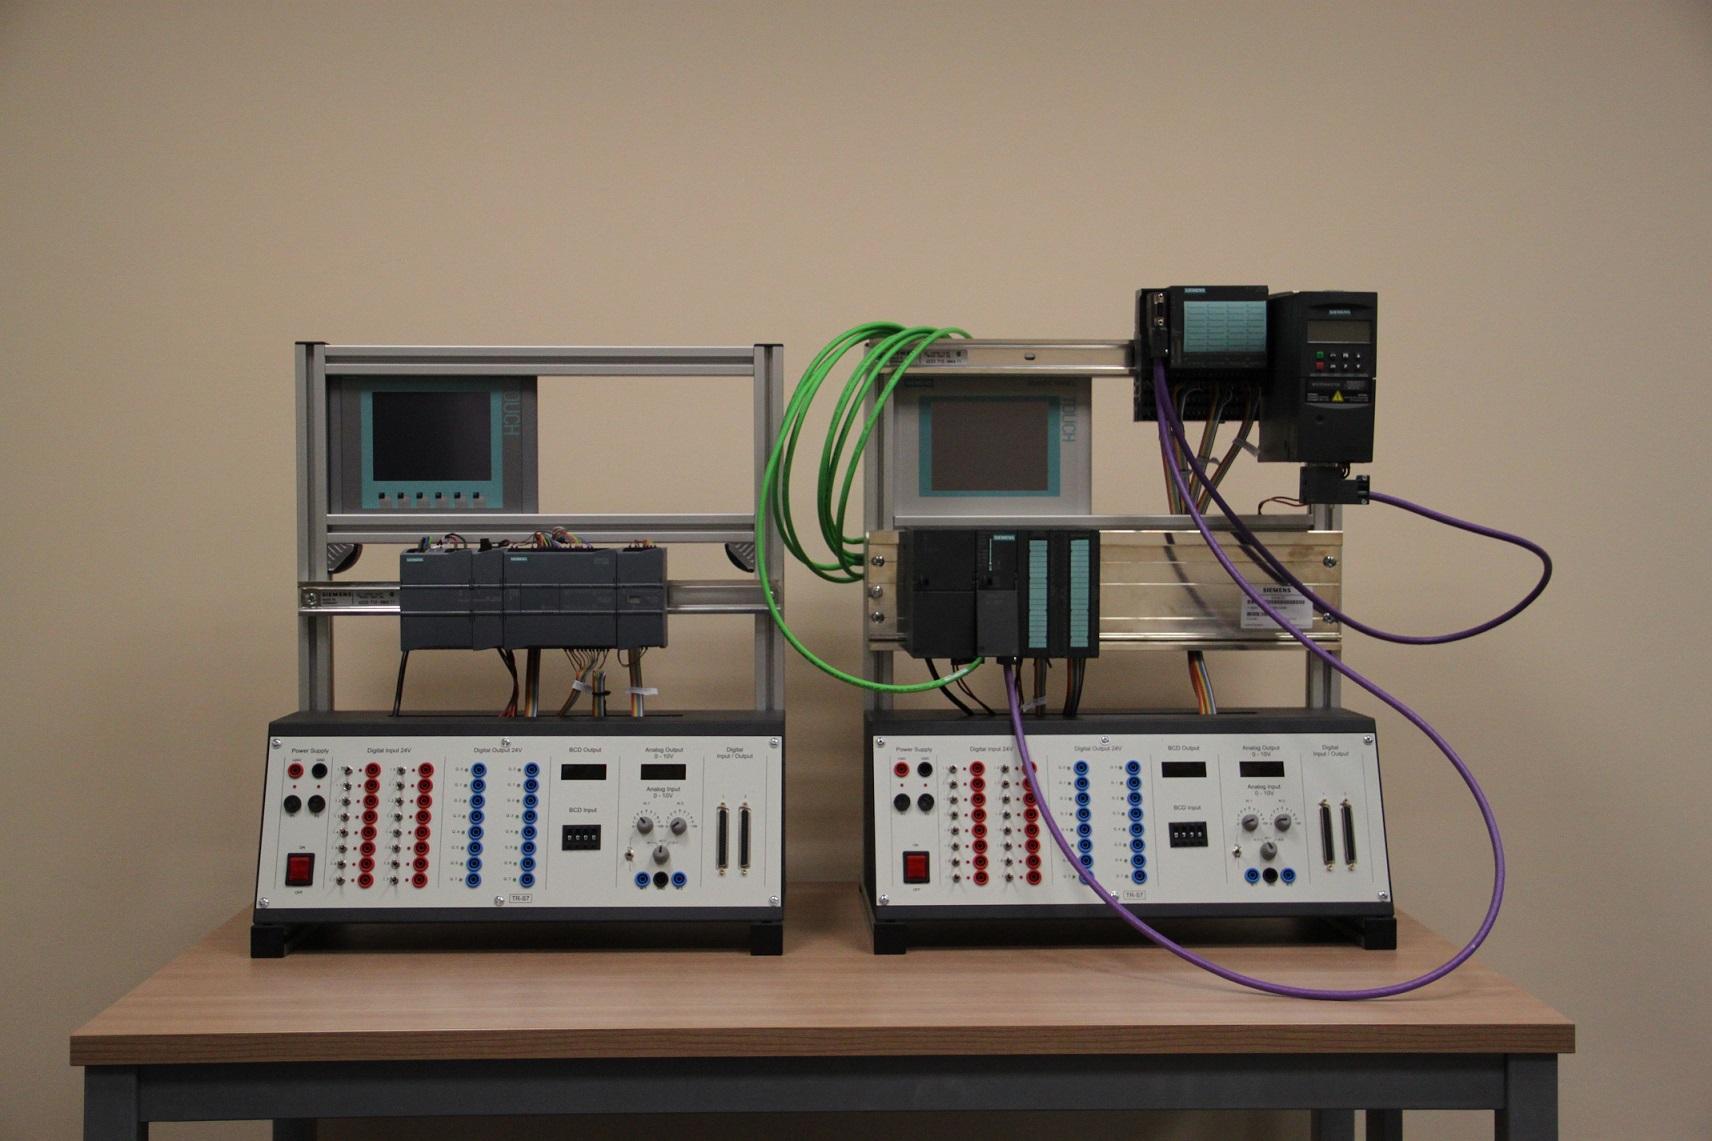 Stanowisko szkoleniowe PLC 4